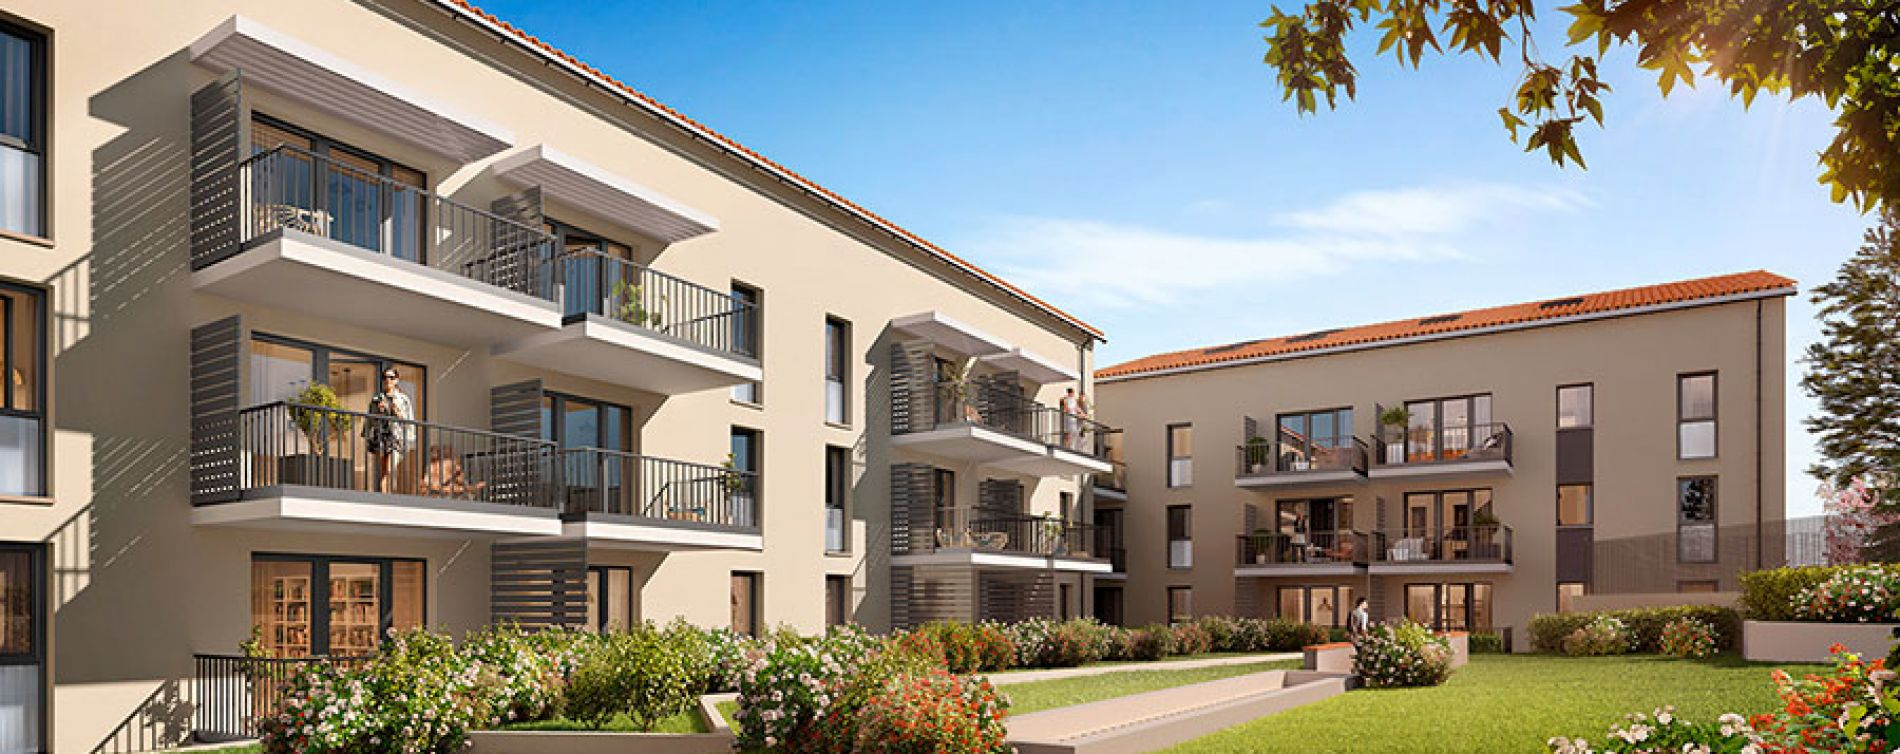 Résidence Les Collines du Lauragais à Castanet-Tolosan